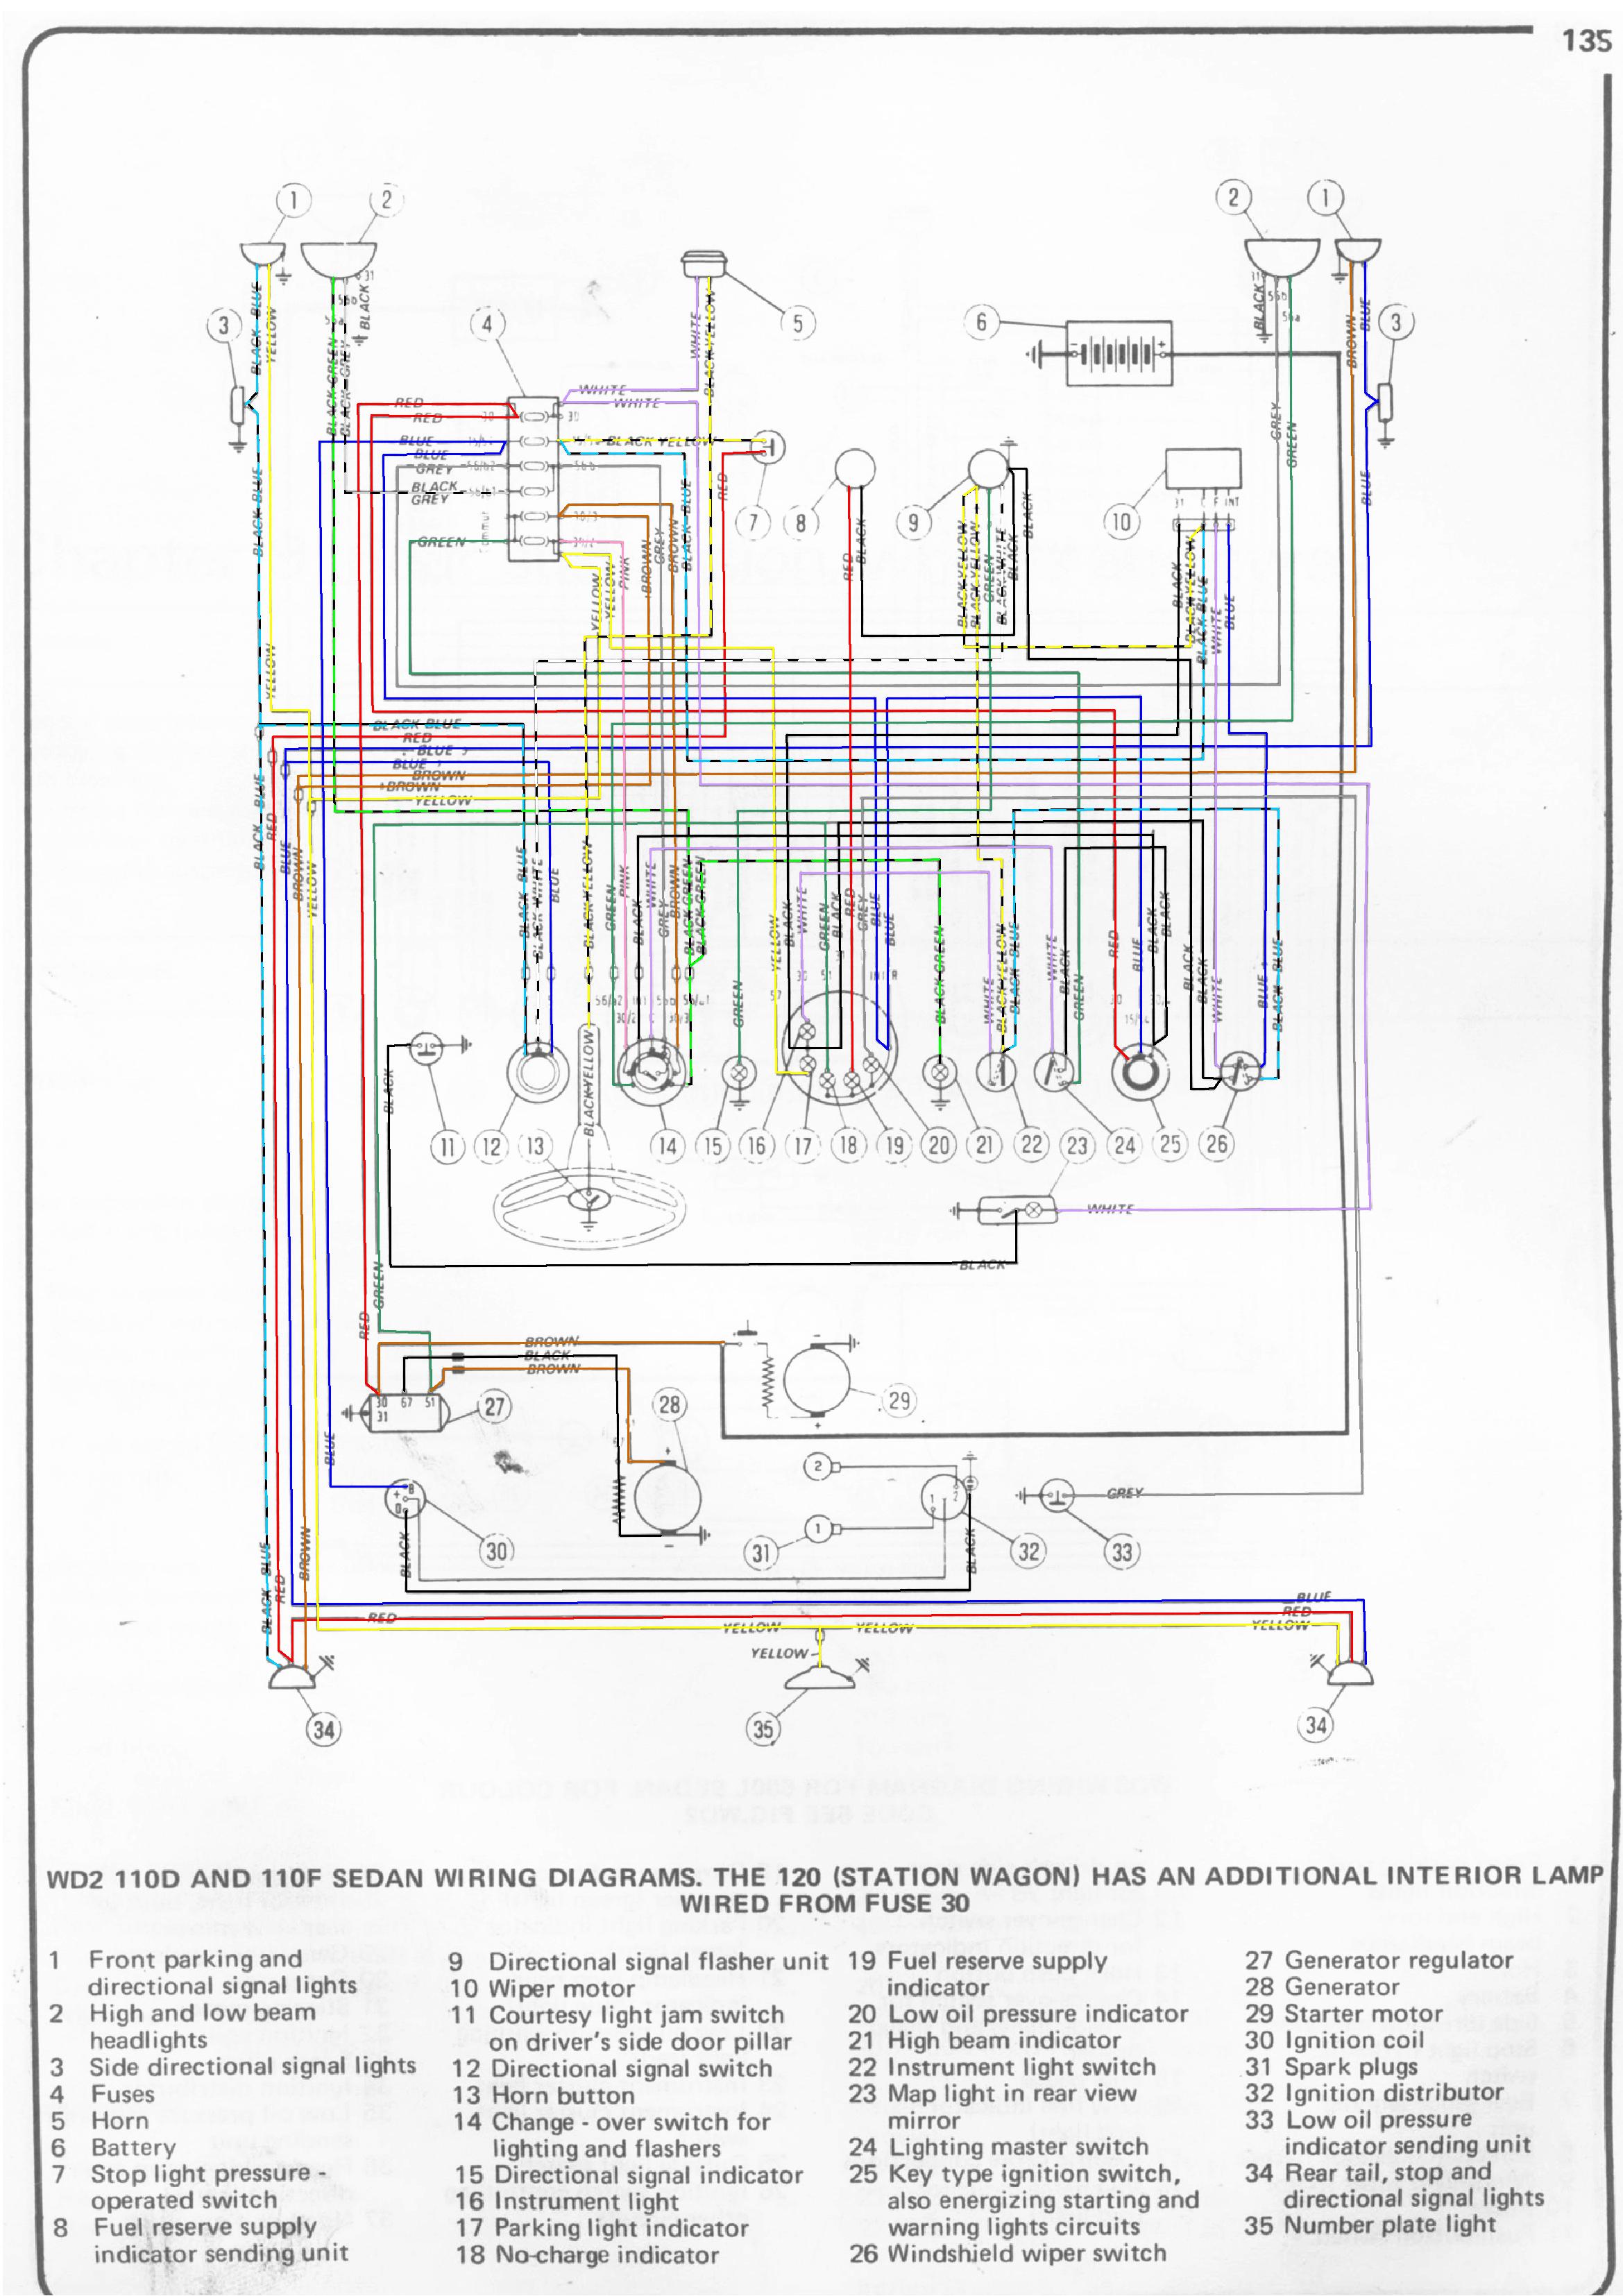 2012 fiat 500 wiring diagram 1 4 depo aqua de \u2022